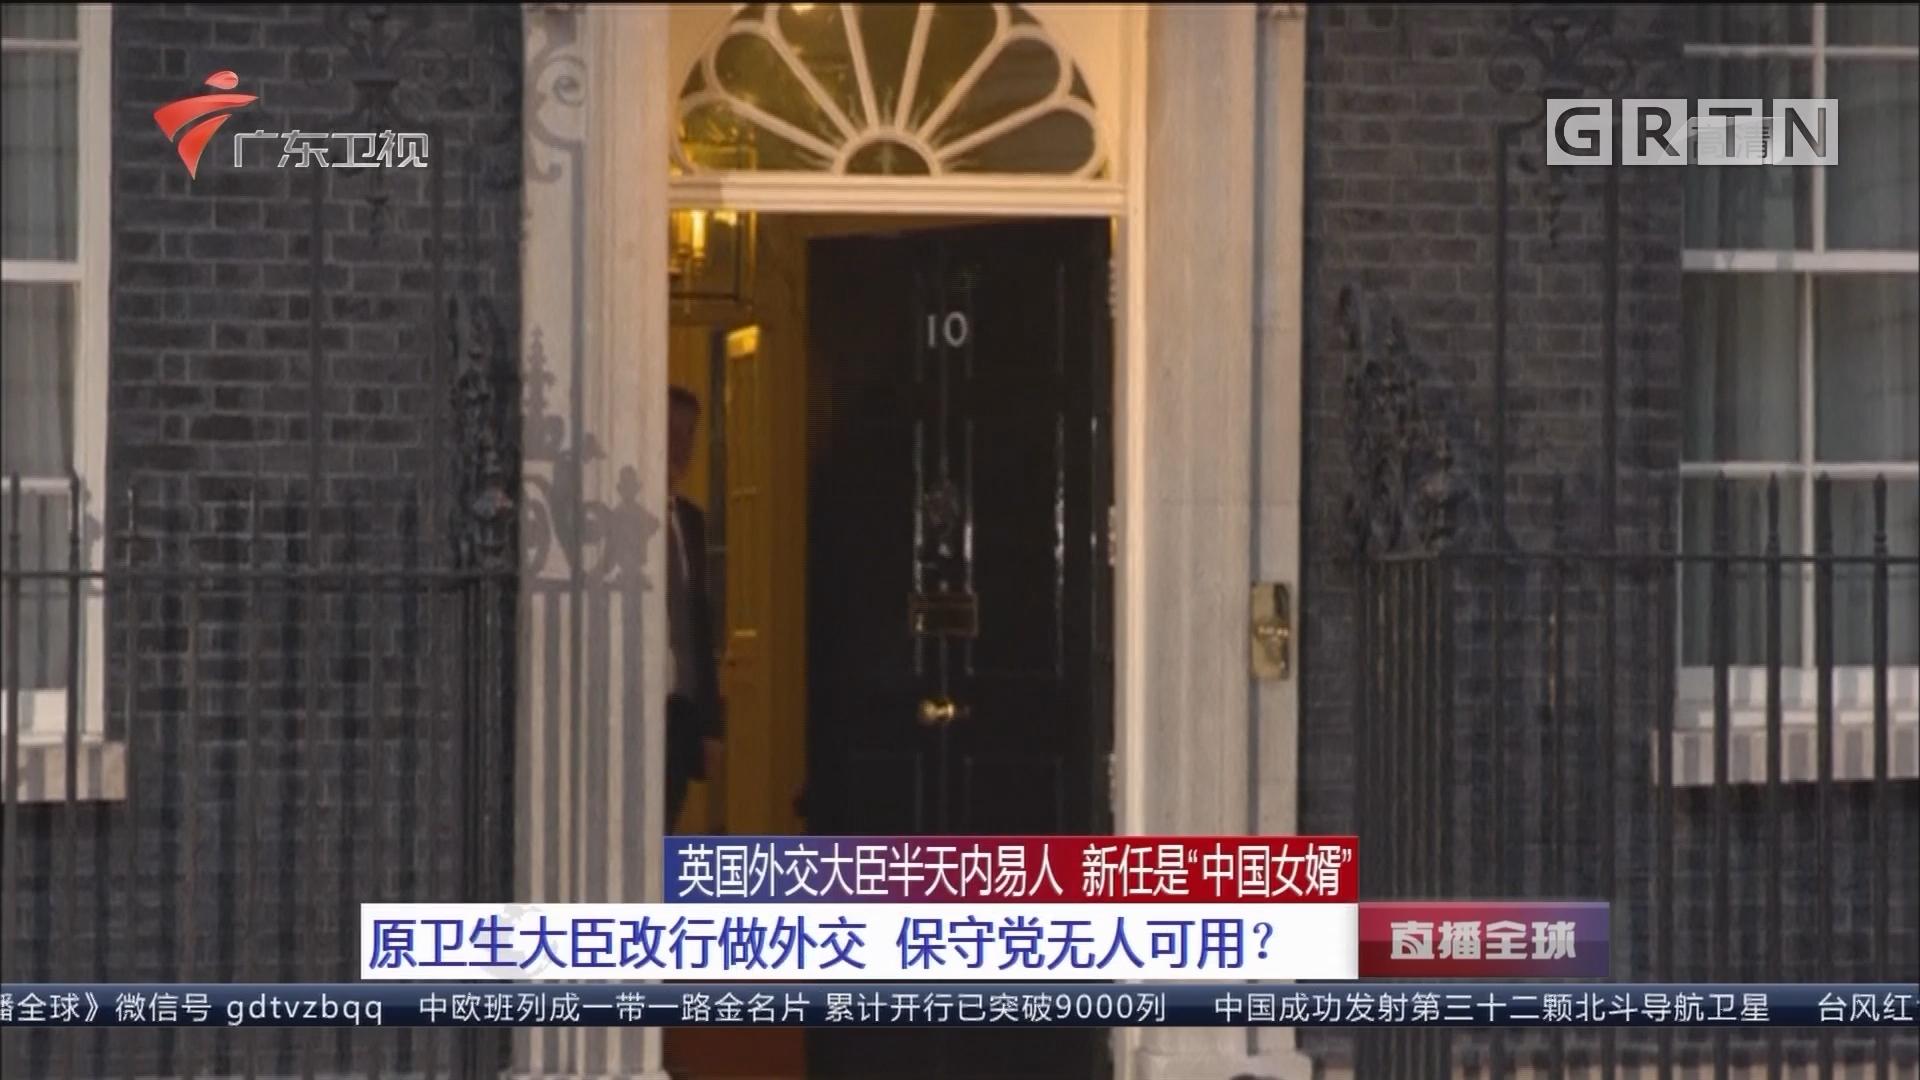 """英国外交大臣半天内易人 新任是""""中国女婿"""":原卫生大臣改行做外交 保守党无人可用?"""